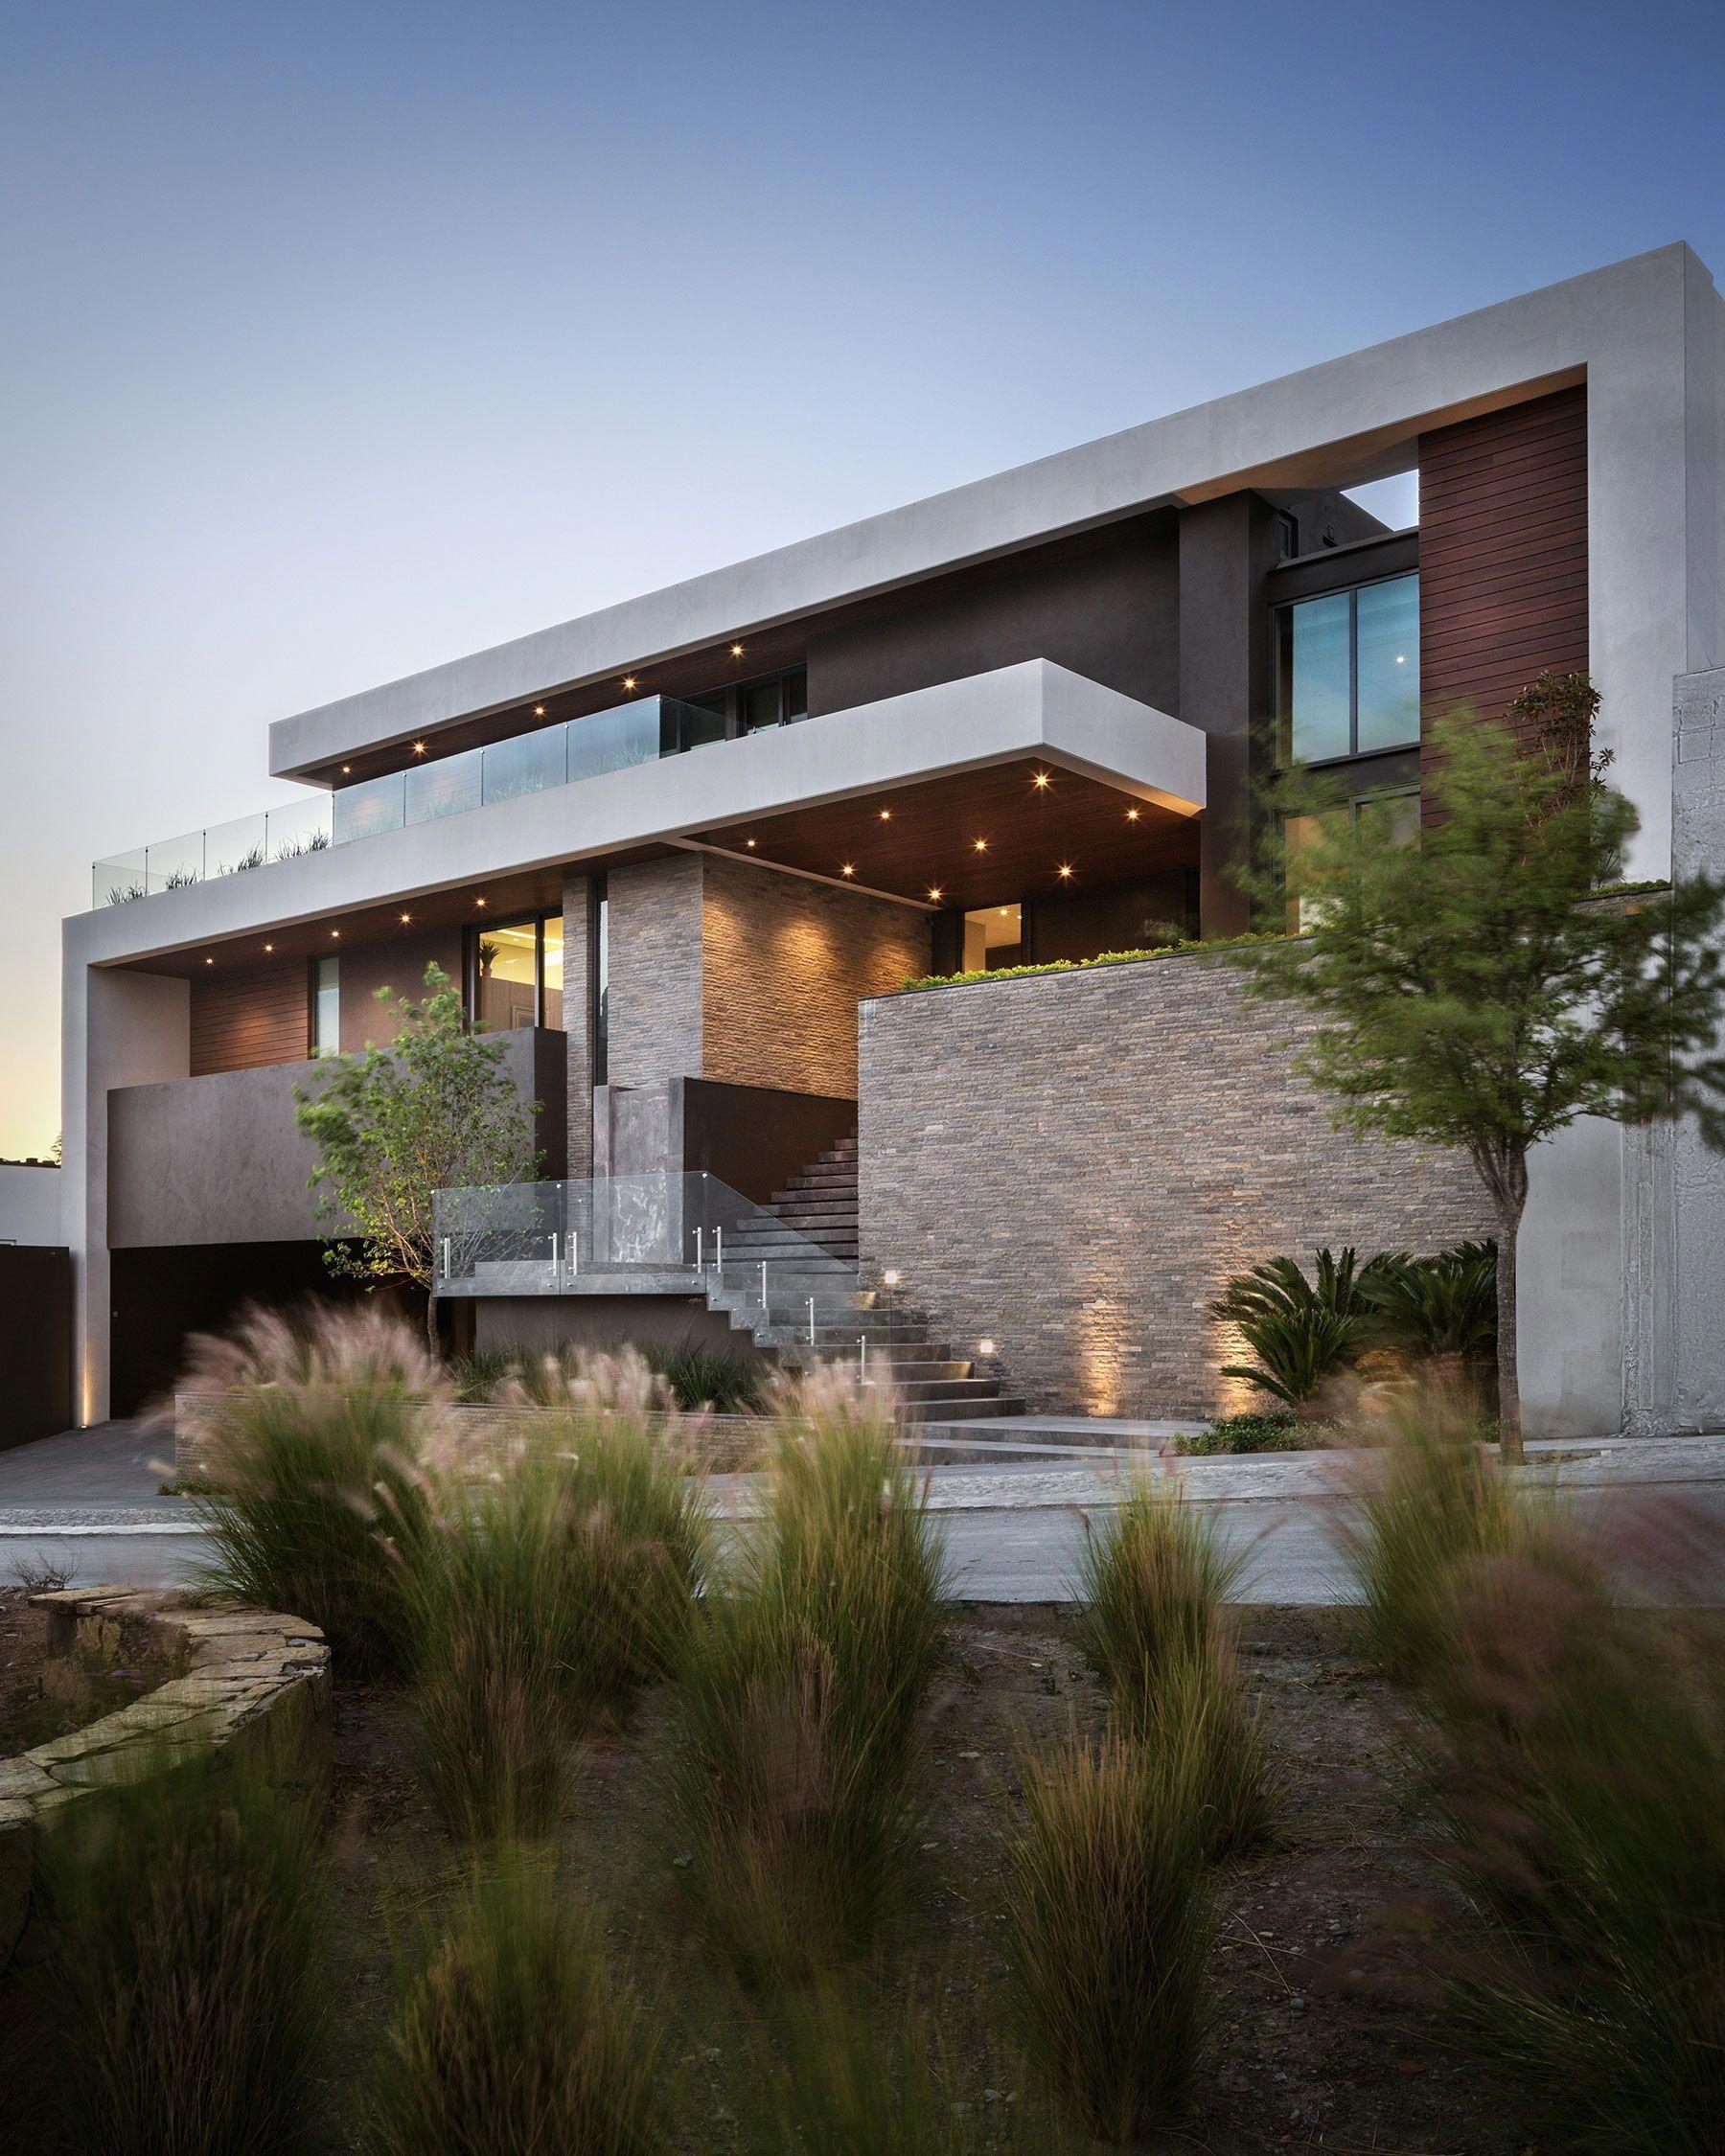 49 Most Popular Modern Dream House Exterior Design Ideas 3: 30 Casas Modernas Con Diseños De Vanguardia